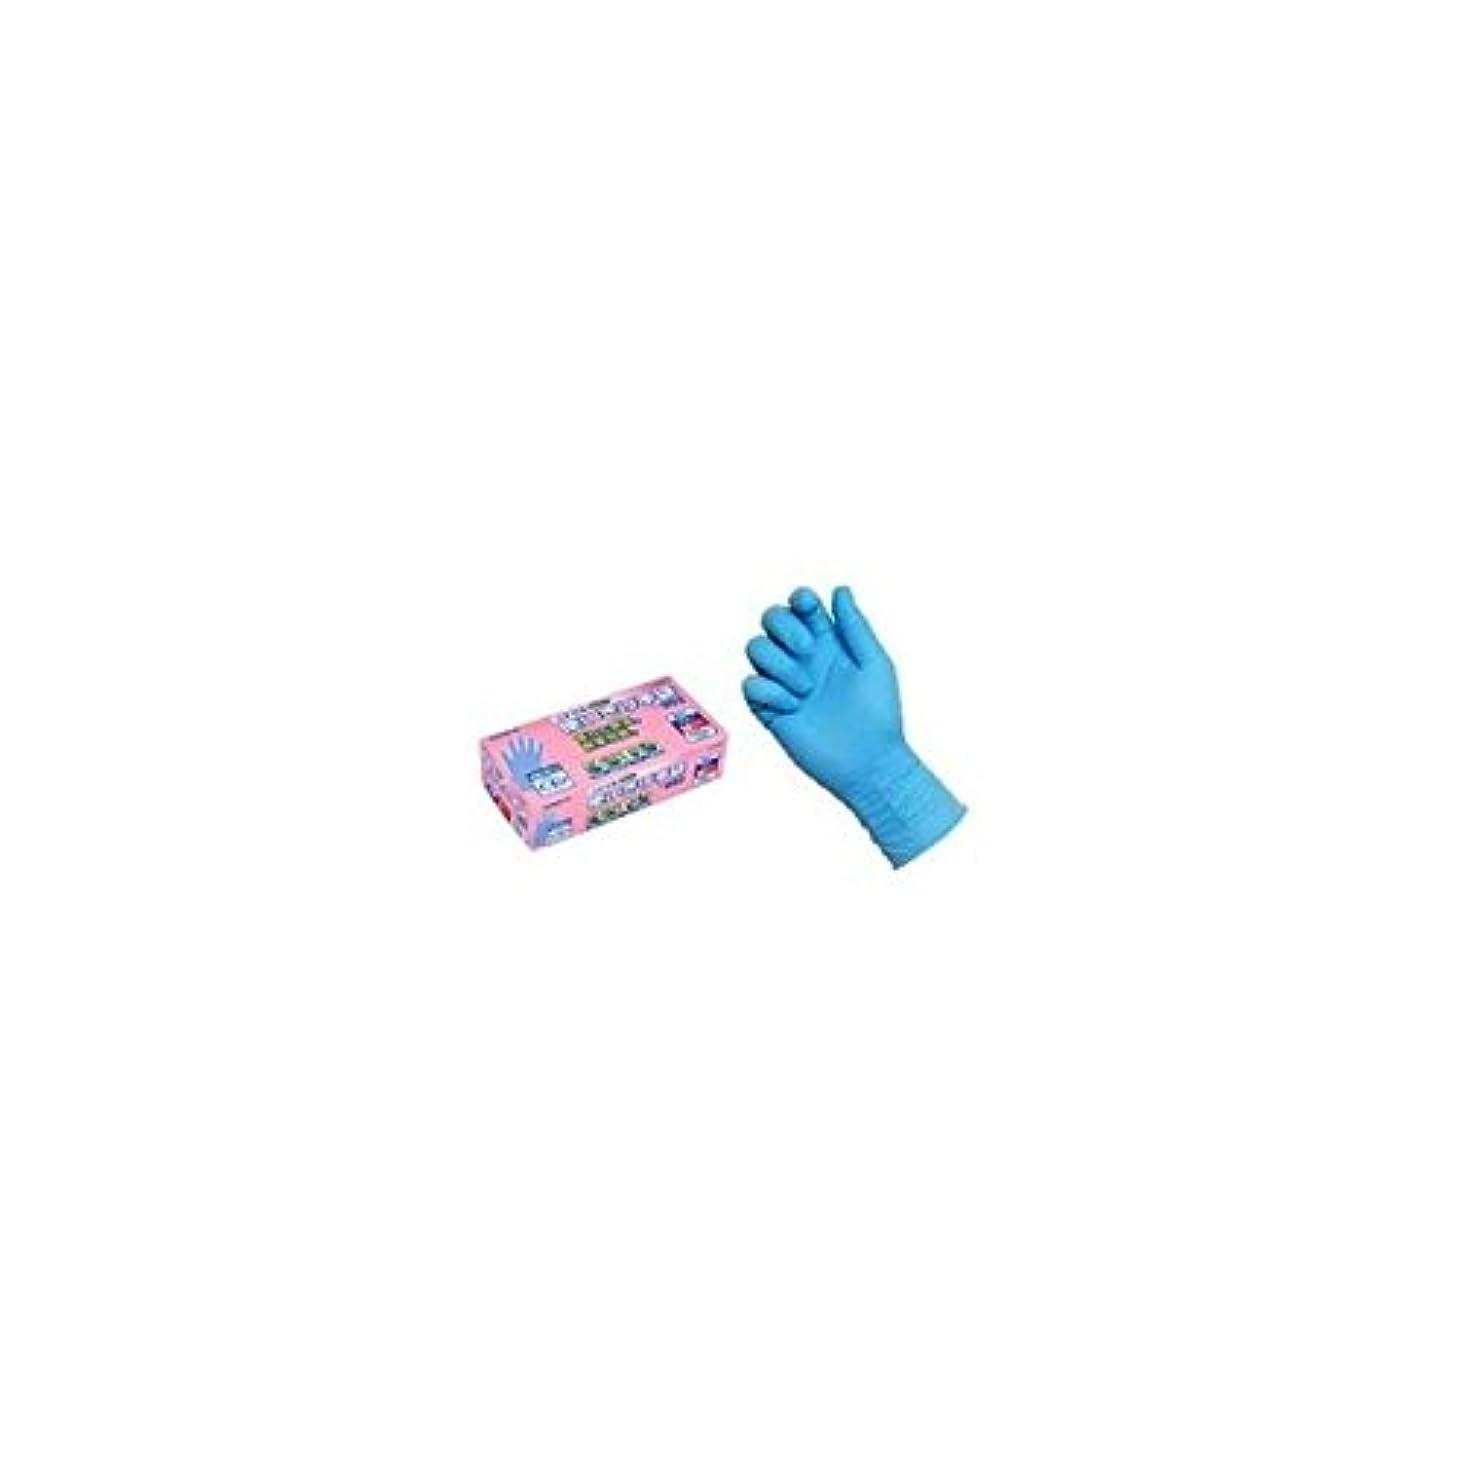 ジョセフバンクス舌なぞらえるニトリル使いきり手袋 PF NO.992 M ブルー エステー 【商品CD】ST4779